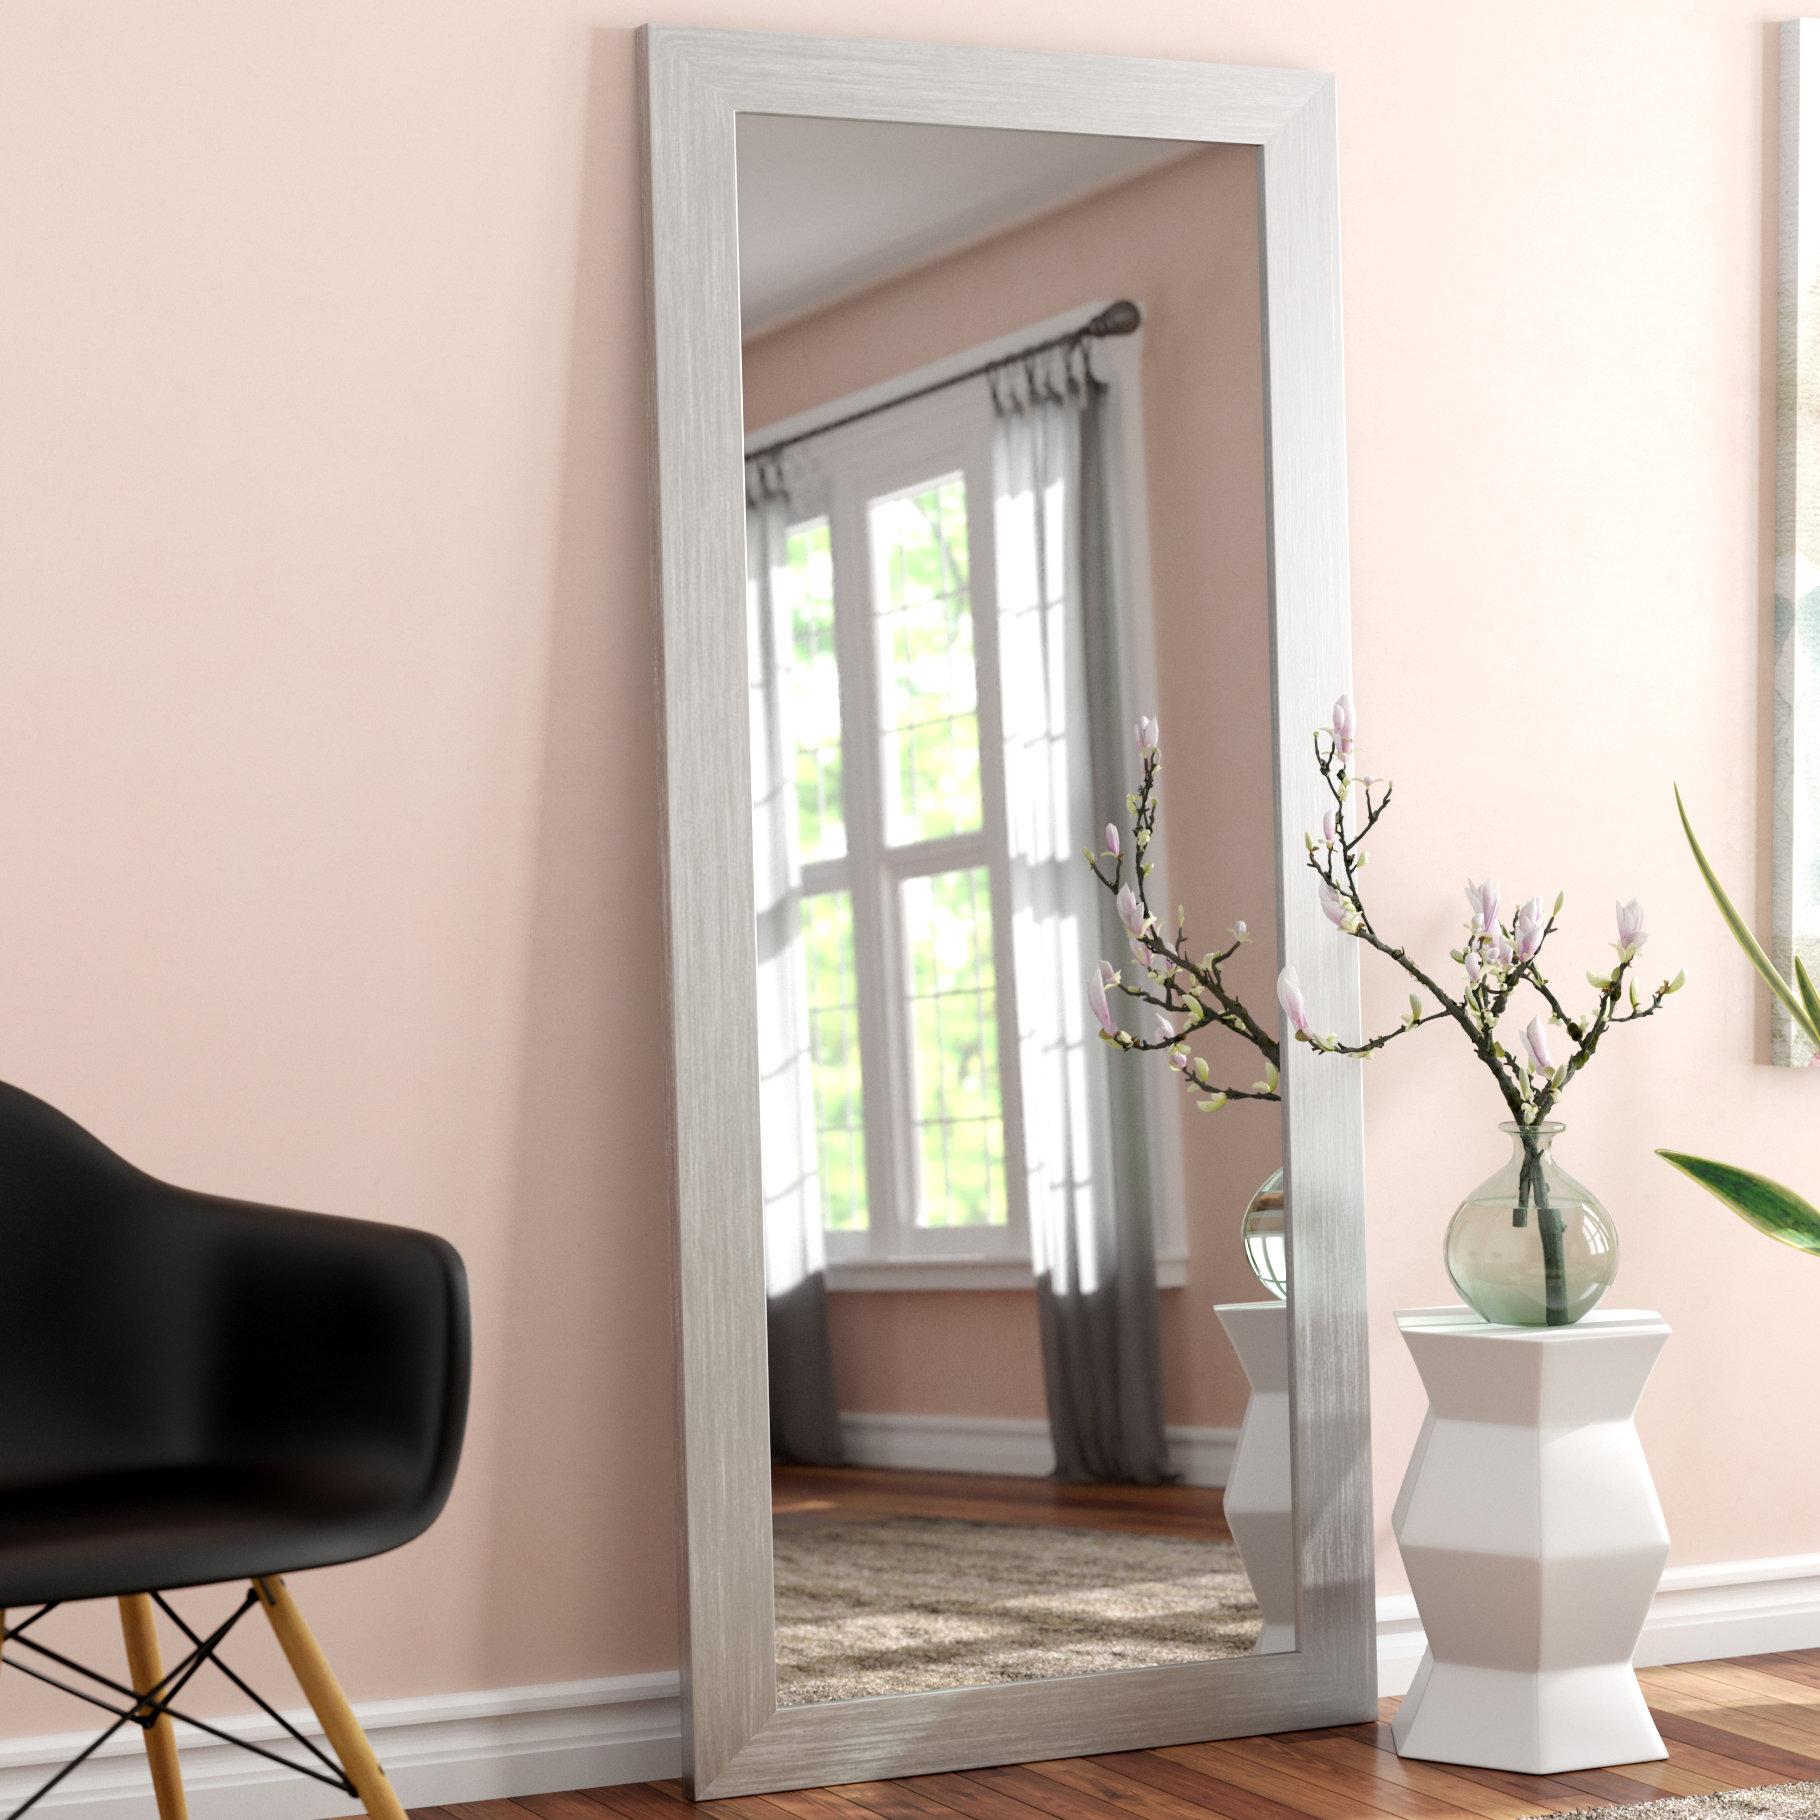 Full Body Floor Modern & Contemporary Full Length Mirror For Modern & Contemporary Full Length Mirrors (View 11 of 30)